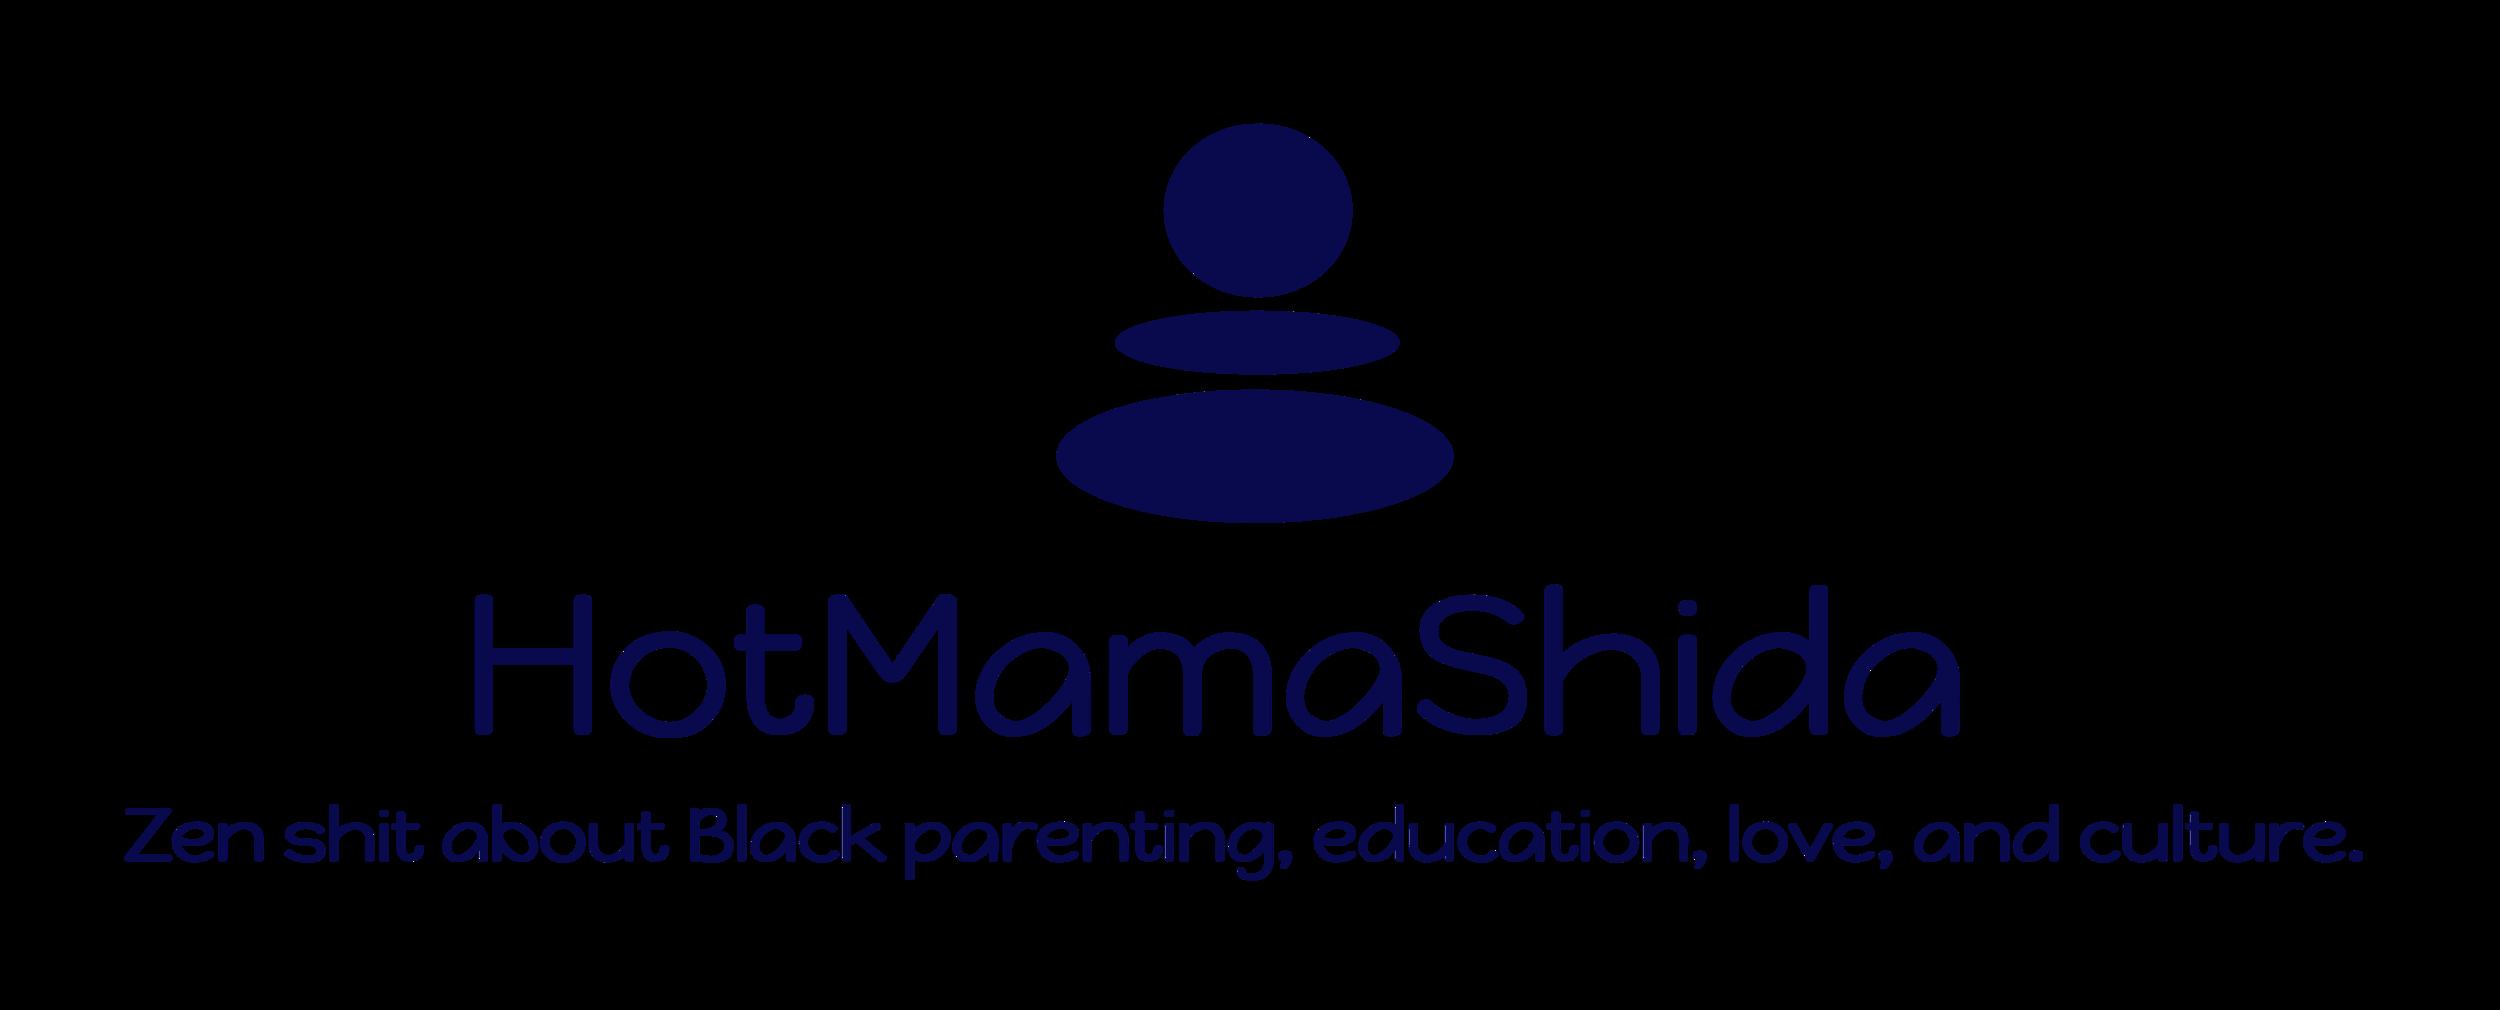 HotMamaShida-logo3stone.png